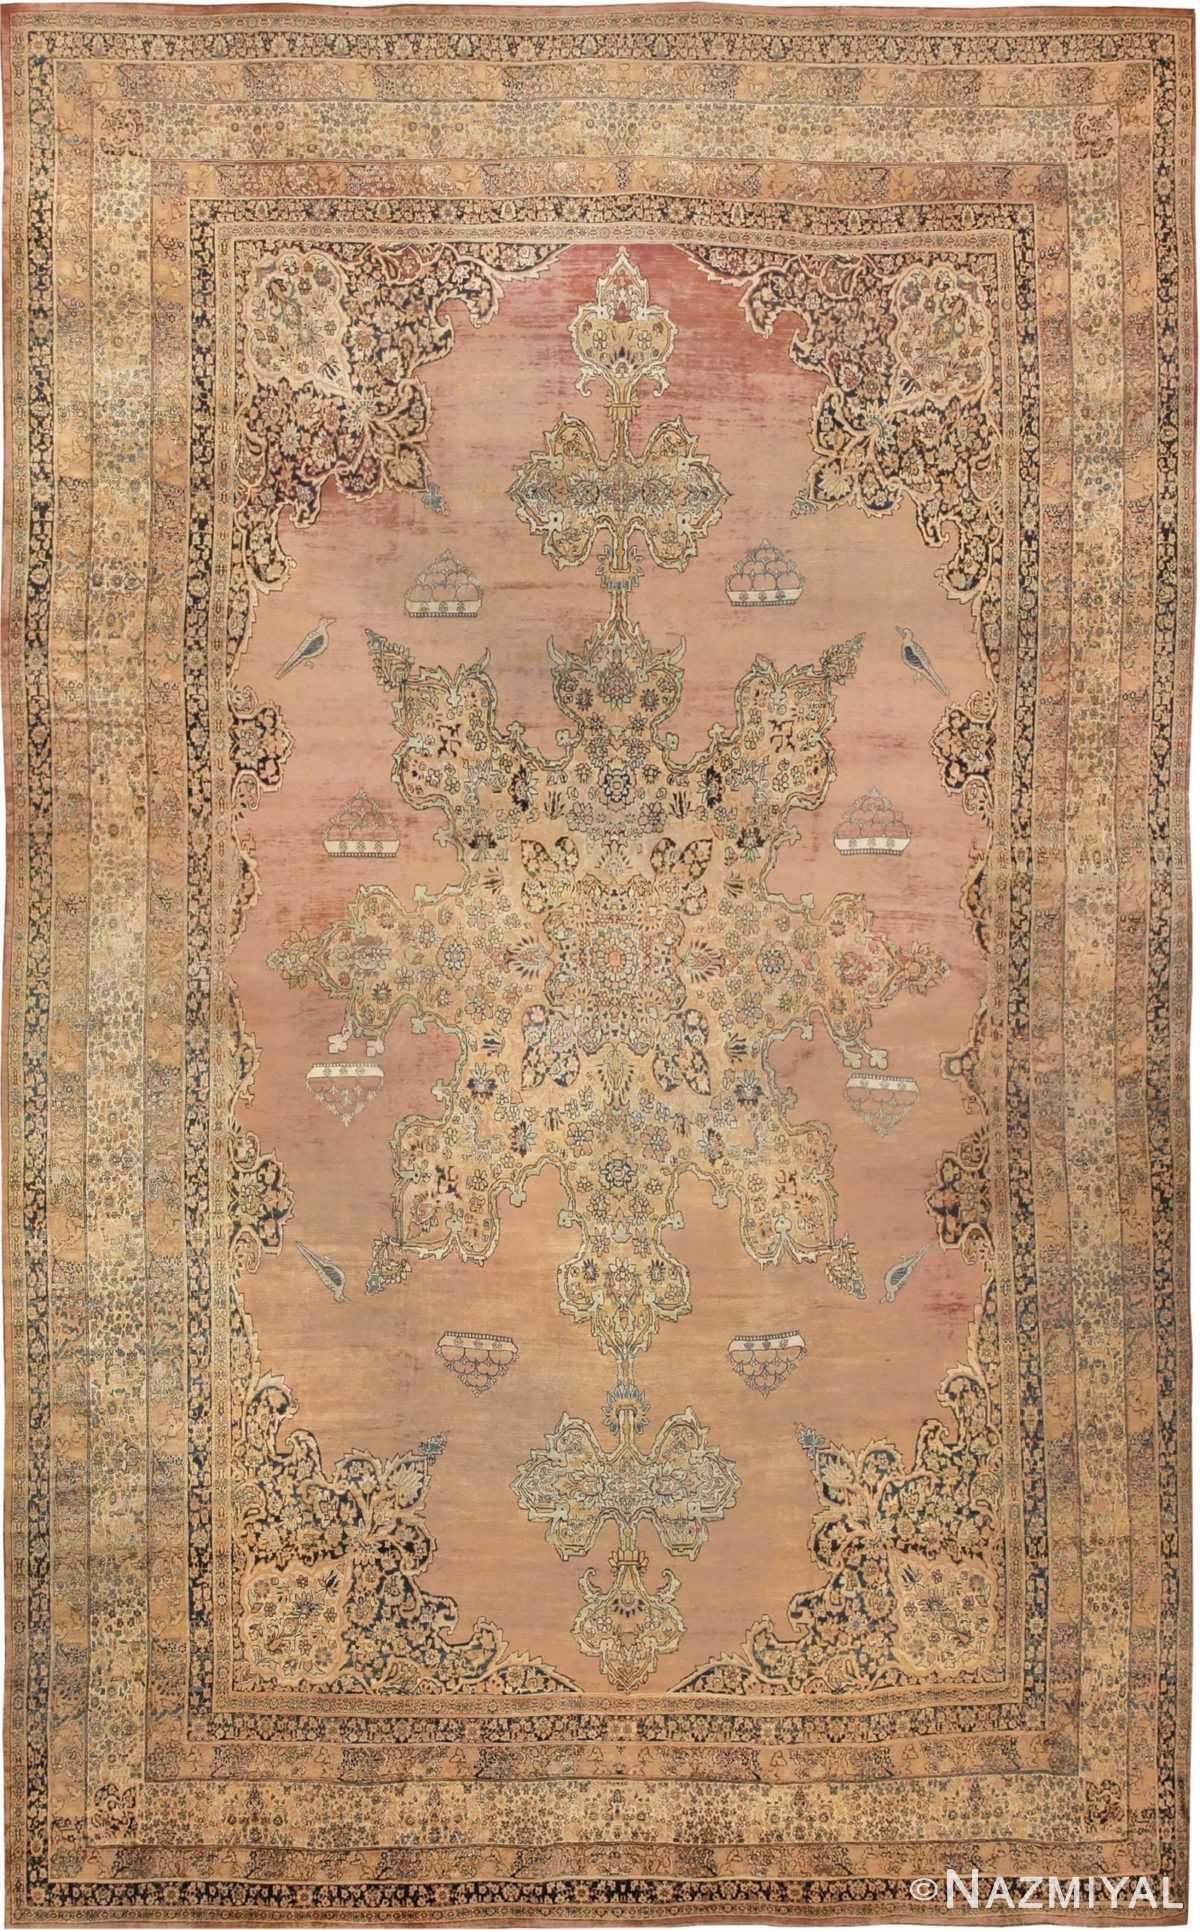 Large Oriental Oversized Antique Kerman Persian Rug #3273 - Nazmiyal